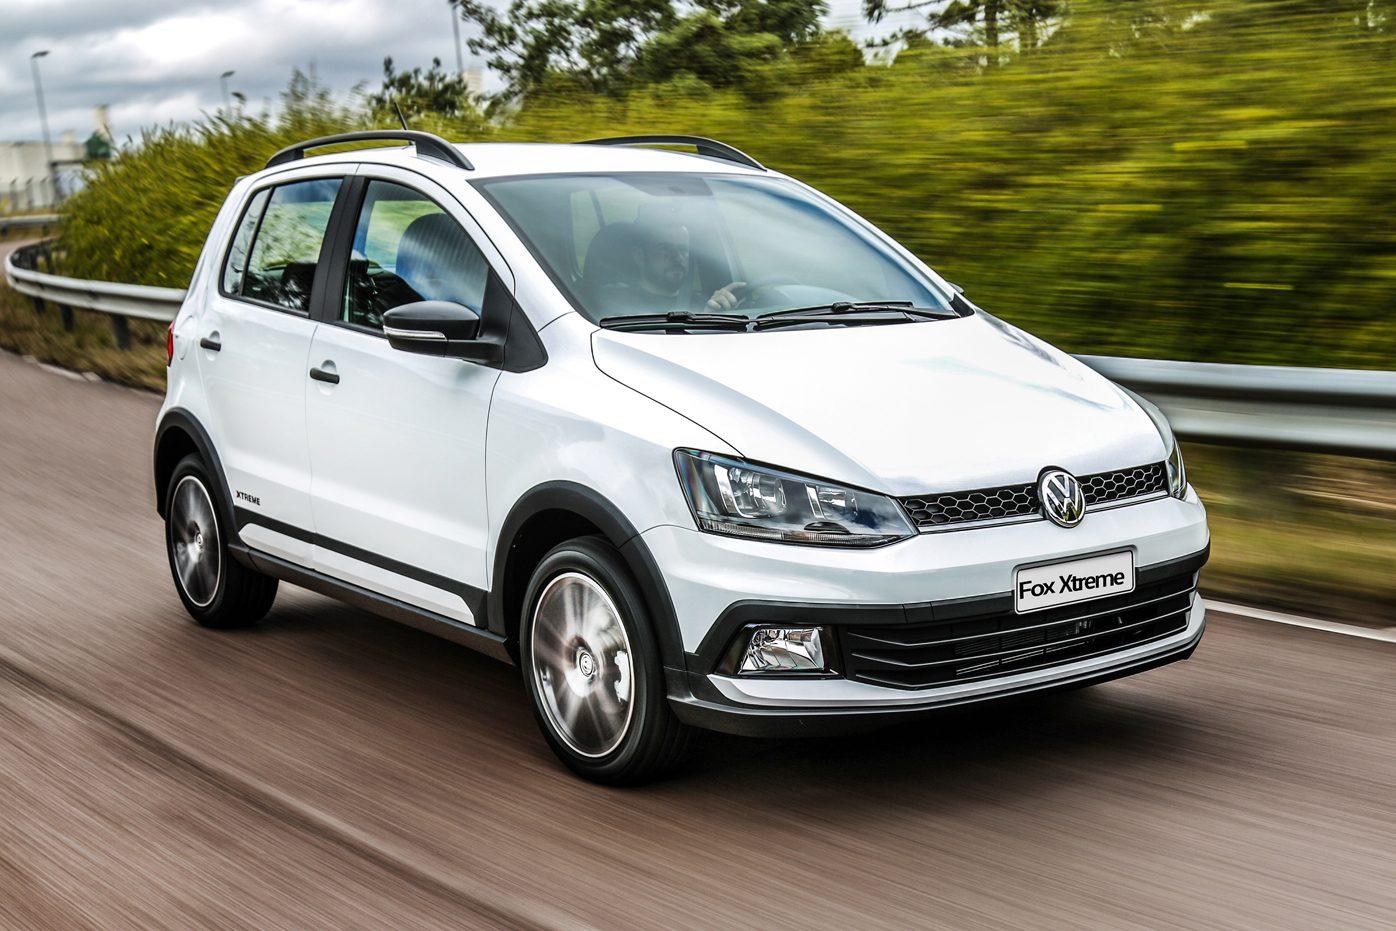 VW Fox é vendido atualmente em duas versões: Connect e Xtreme